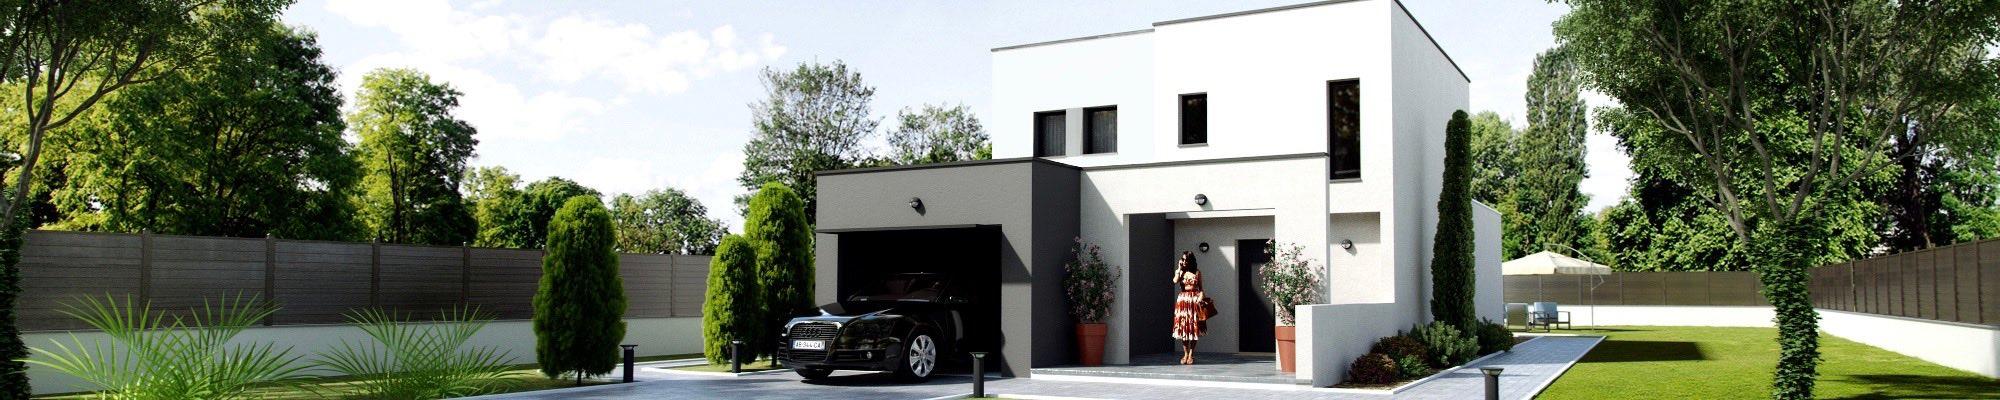 Maisons concept constructeur centre val de loire for Constructeur de maison region centre